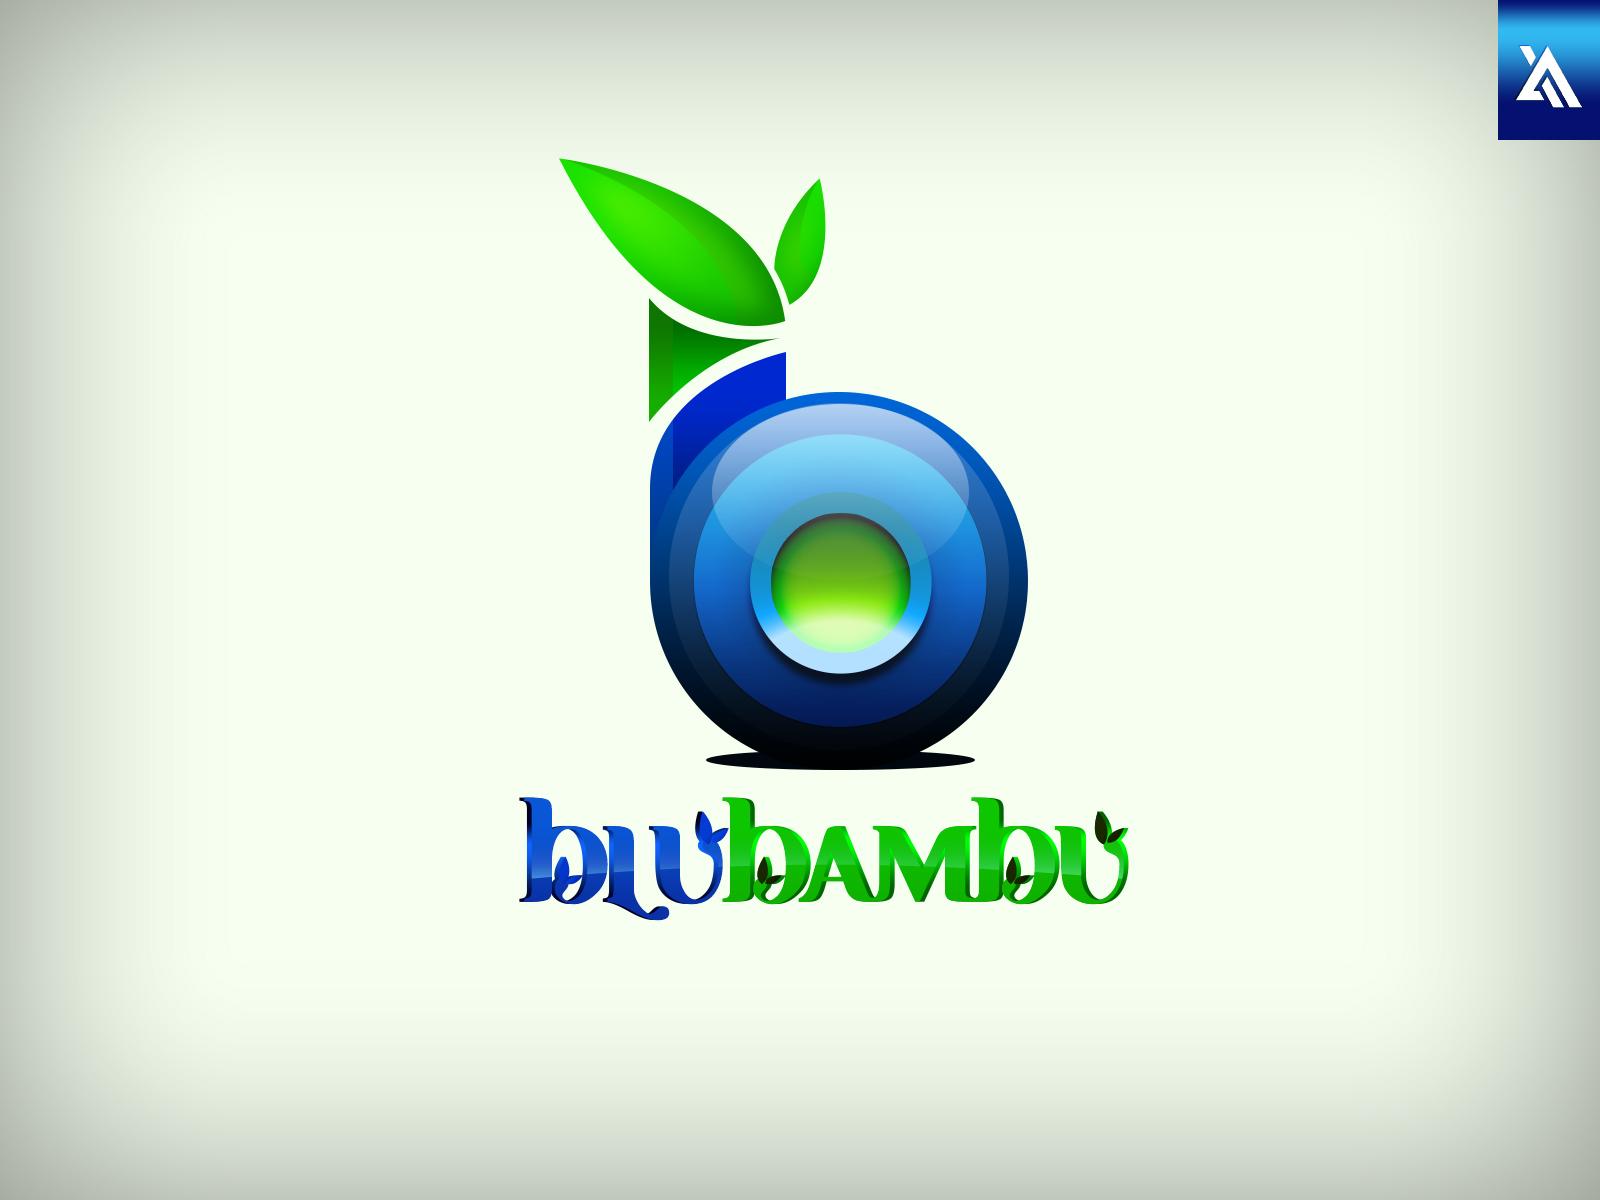 Logo Design by Virgilio Pineda III - Entry No. 89 in the Logo Design Contest New Logo Design for blubambu.